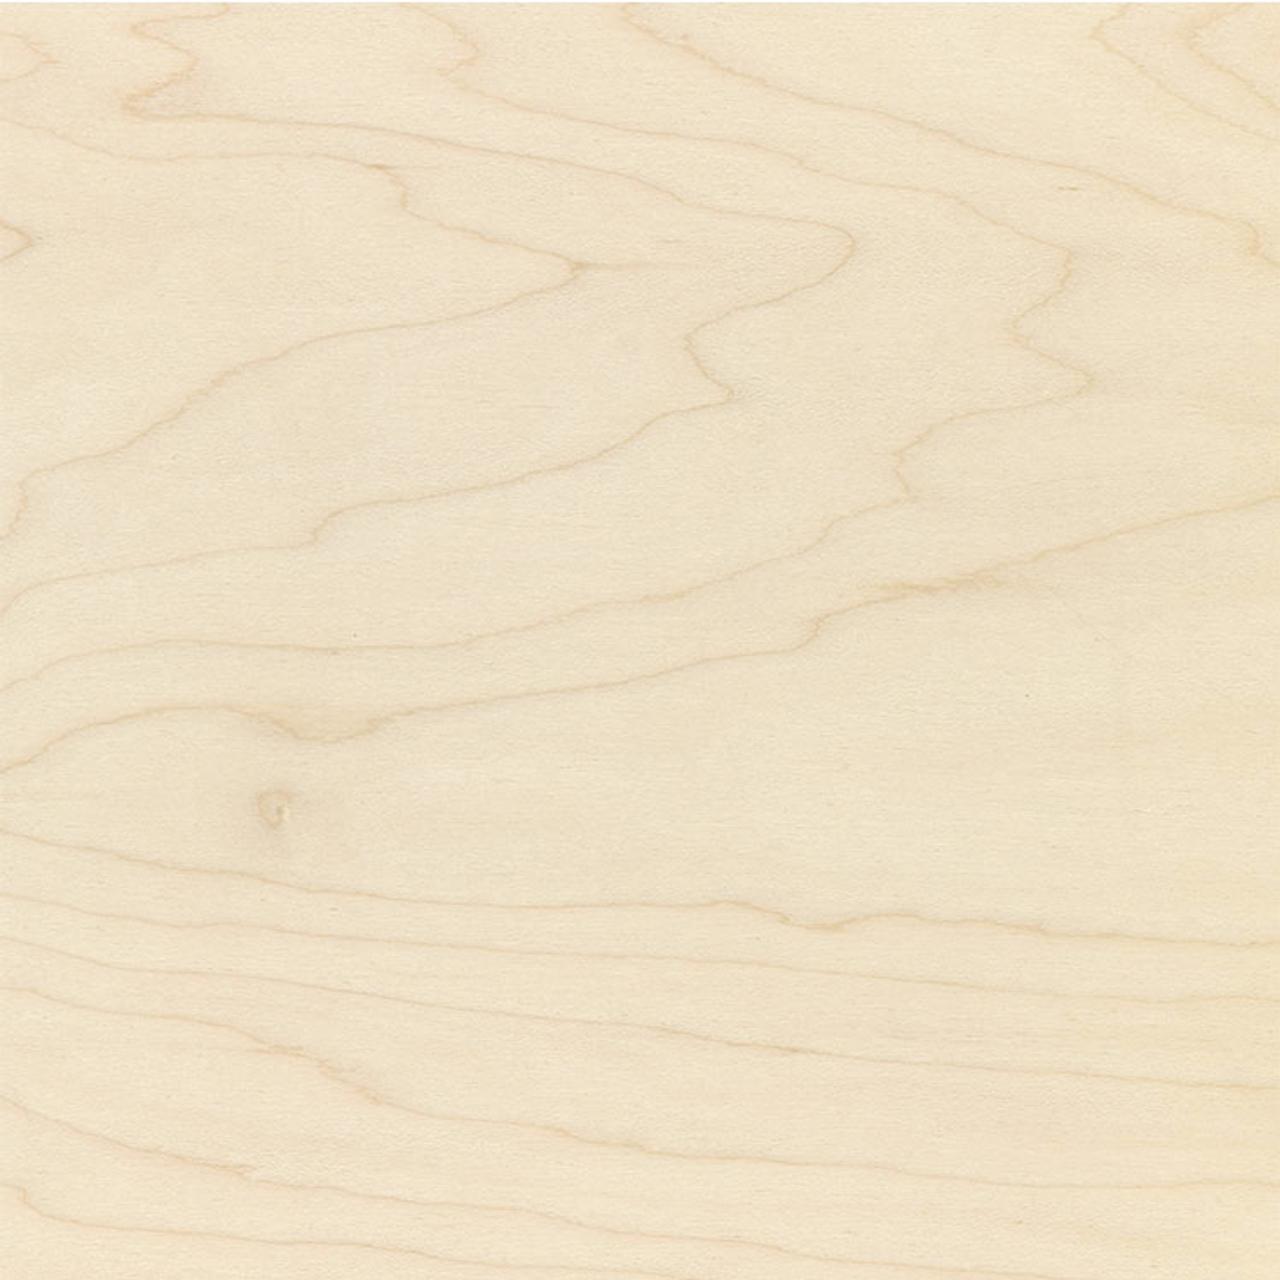 Garnica Artisan Maple Shopgrade 7ply 4x8